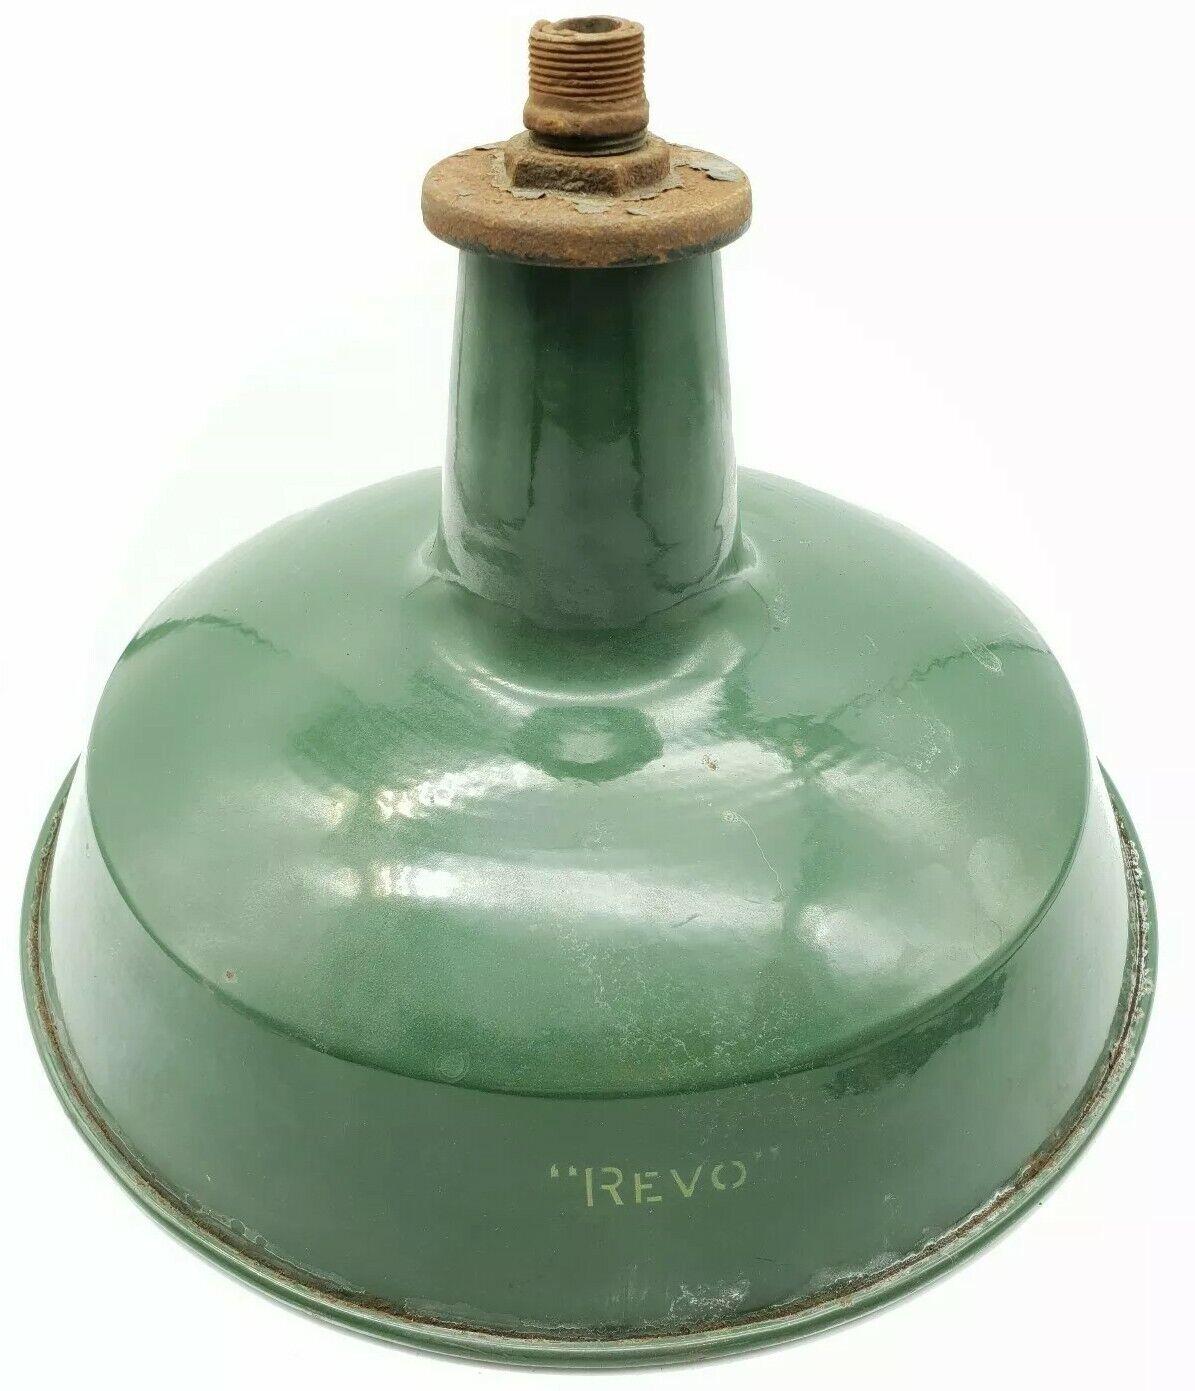 Fabbrica Industriale Revo verde Smalto Plafoniera Plafoniera Plafoniera Lampada Ombra c1950s Look Retrò eb380a